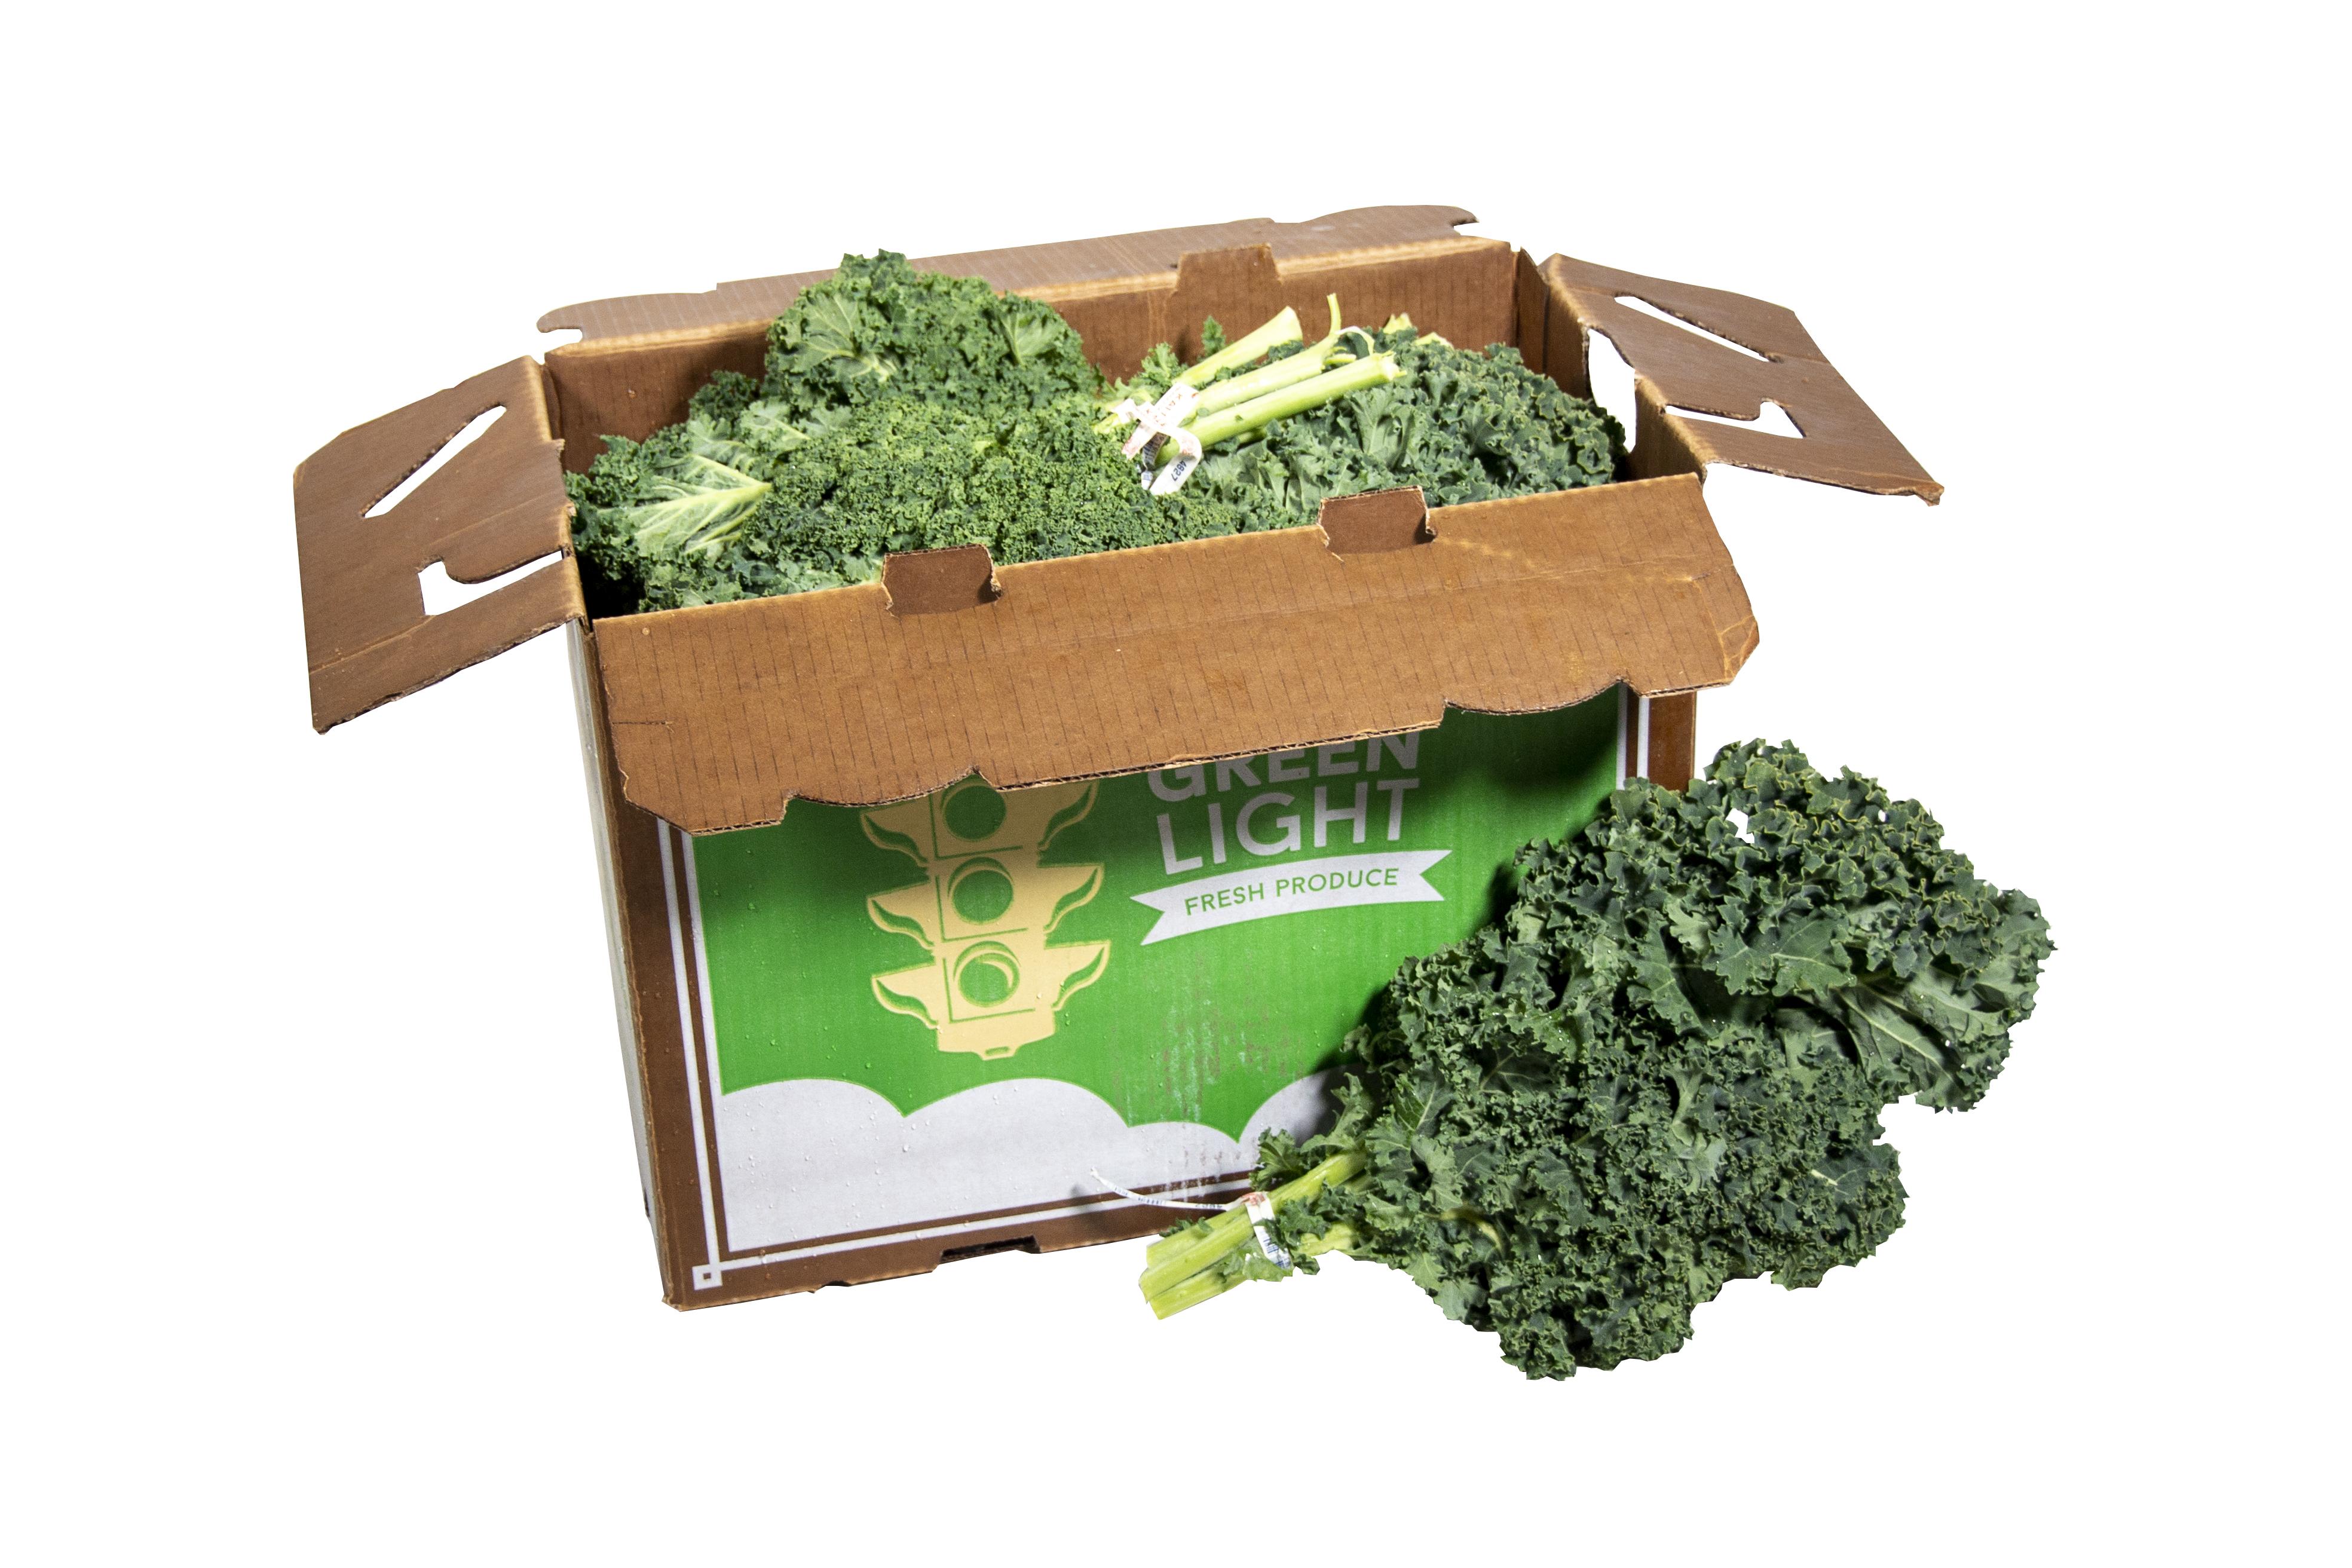 kale-box-1